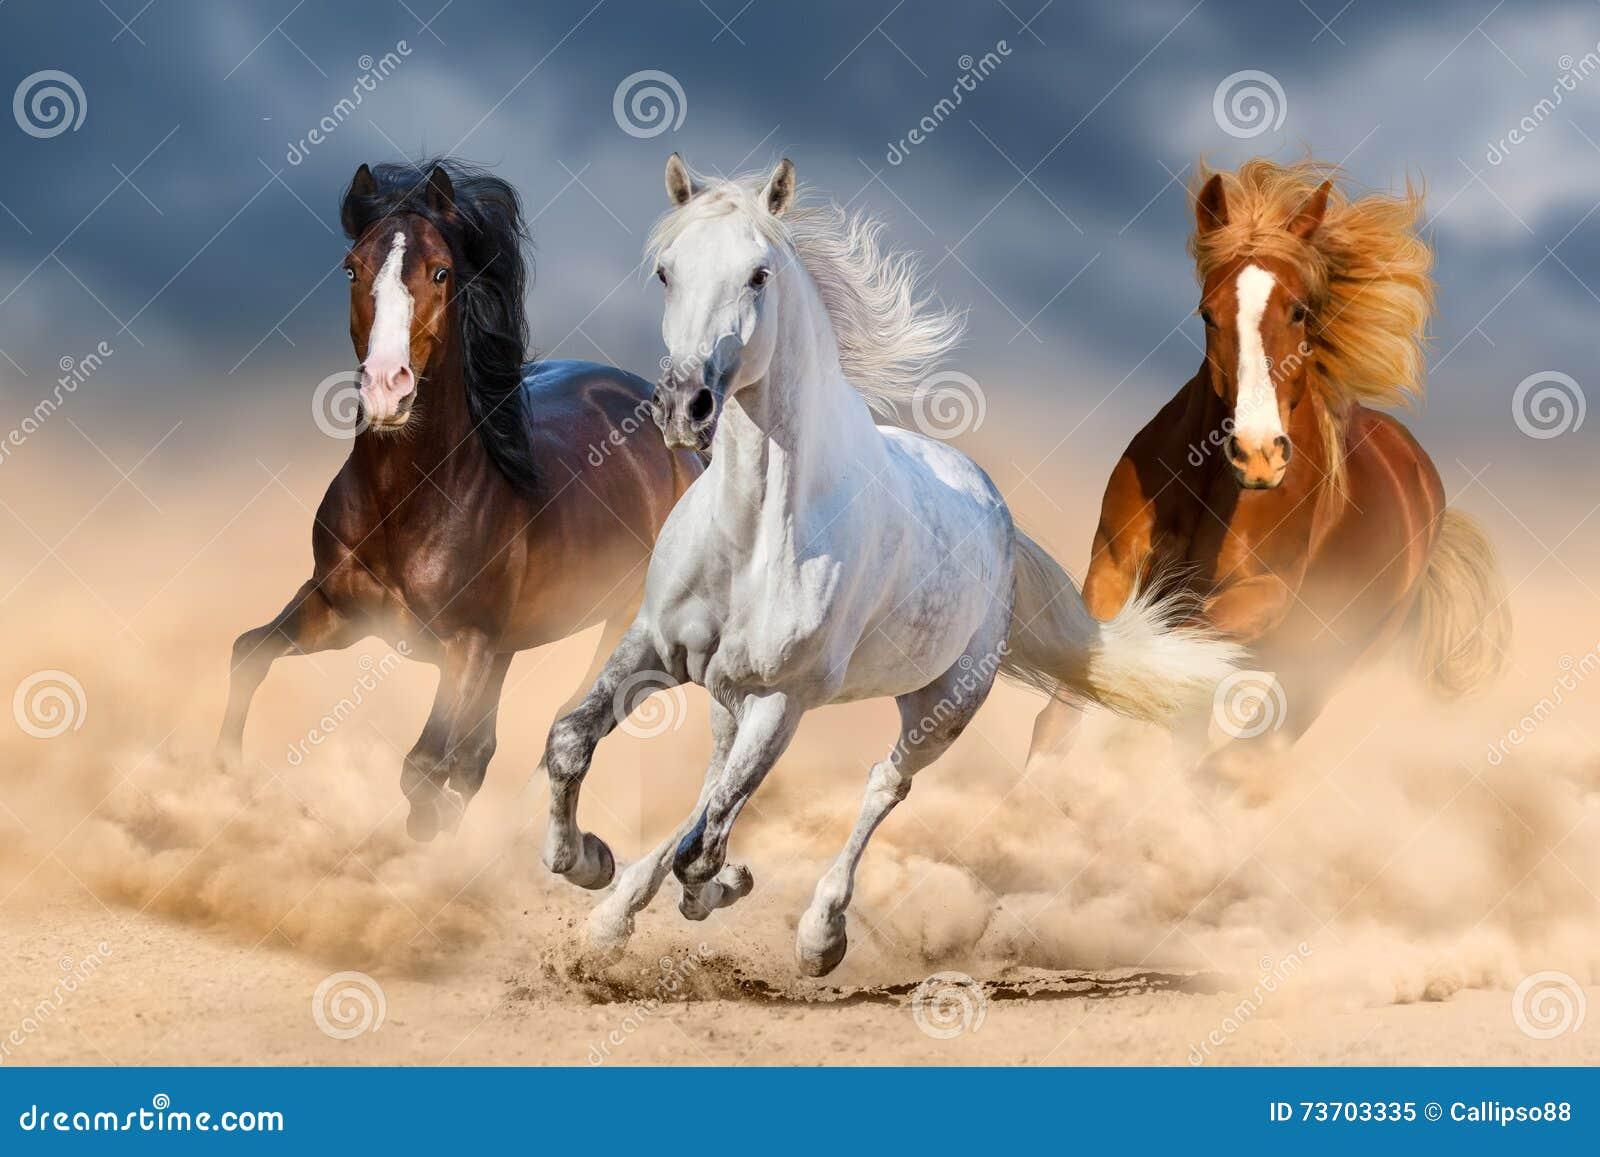 Horse herdin desert